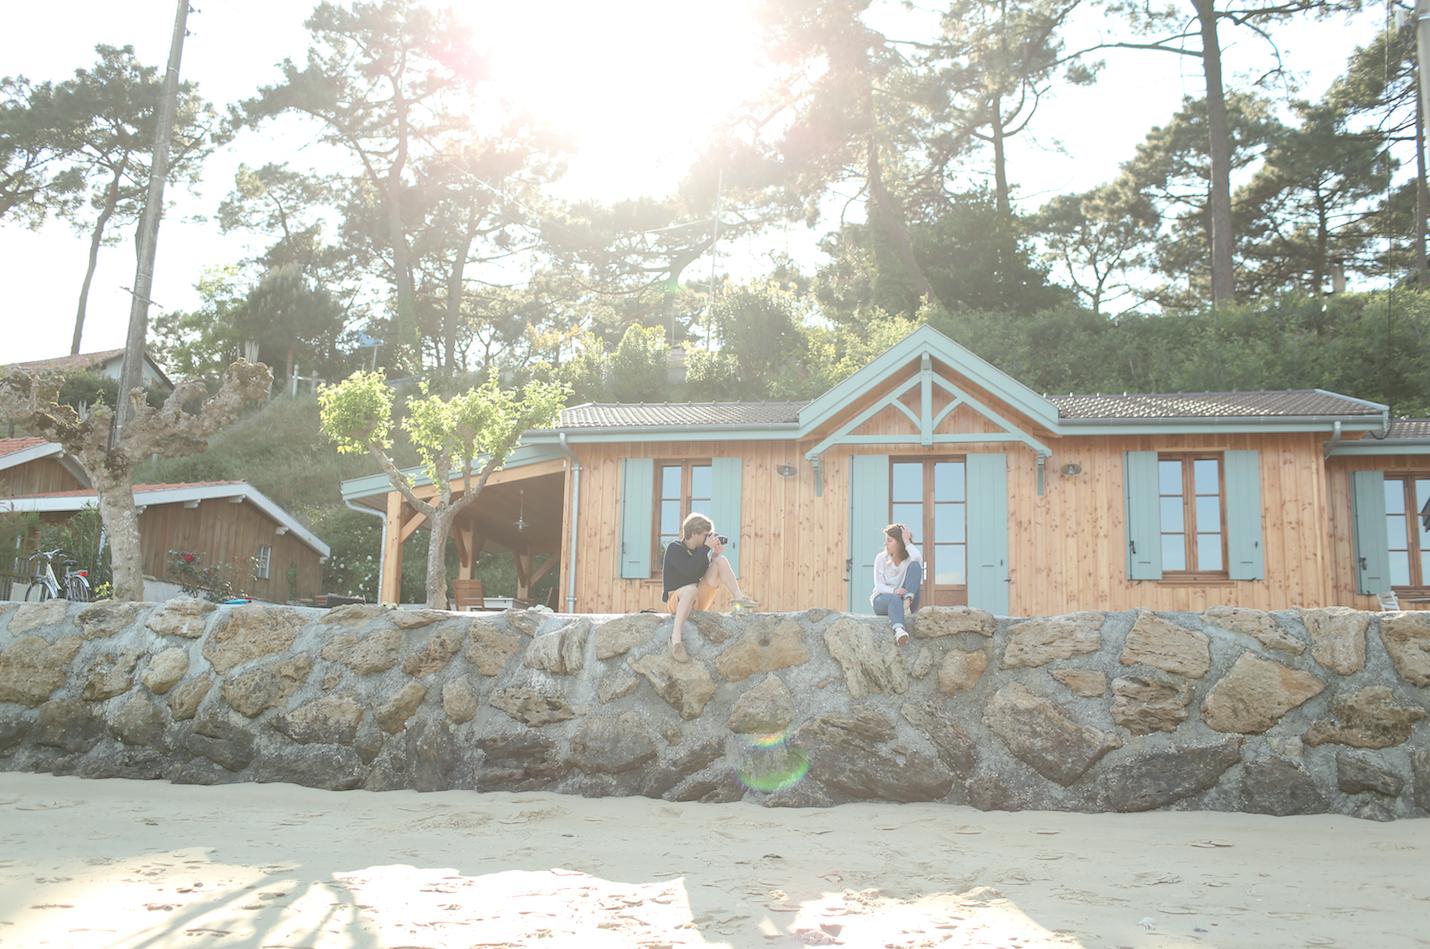 la cabane japajo chambres d 39 h tes au bord de l 39 eau au. Black Bedroom Furniture Sets. Home Design Ideas